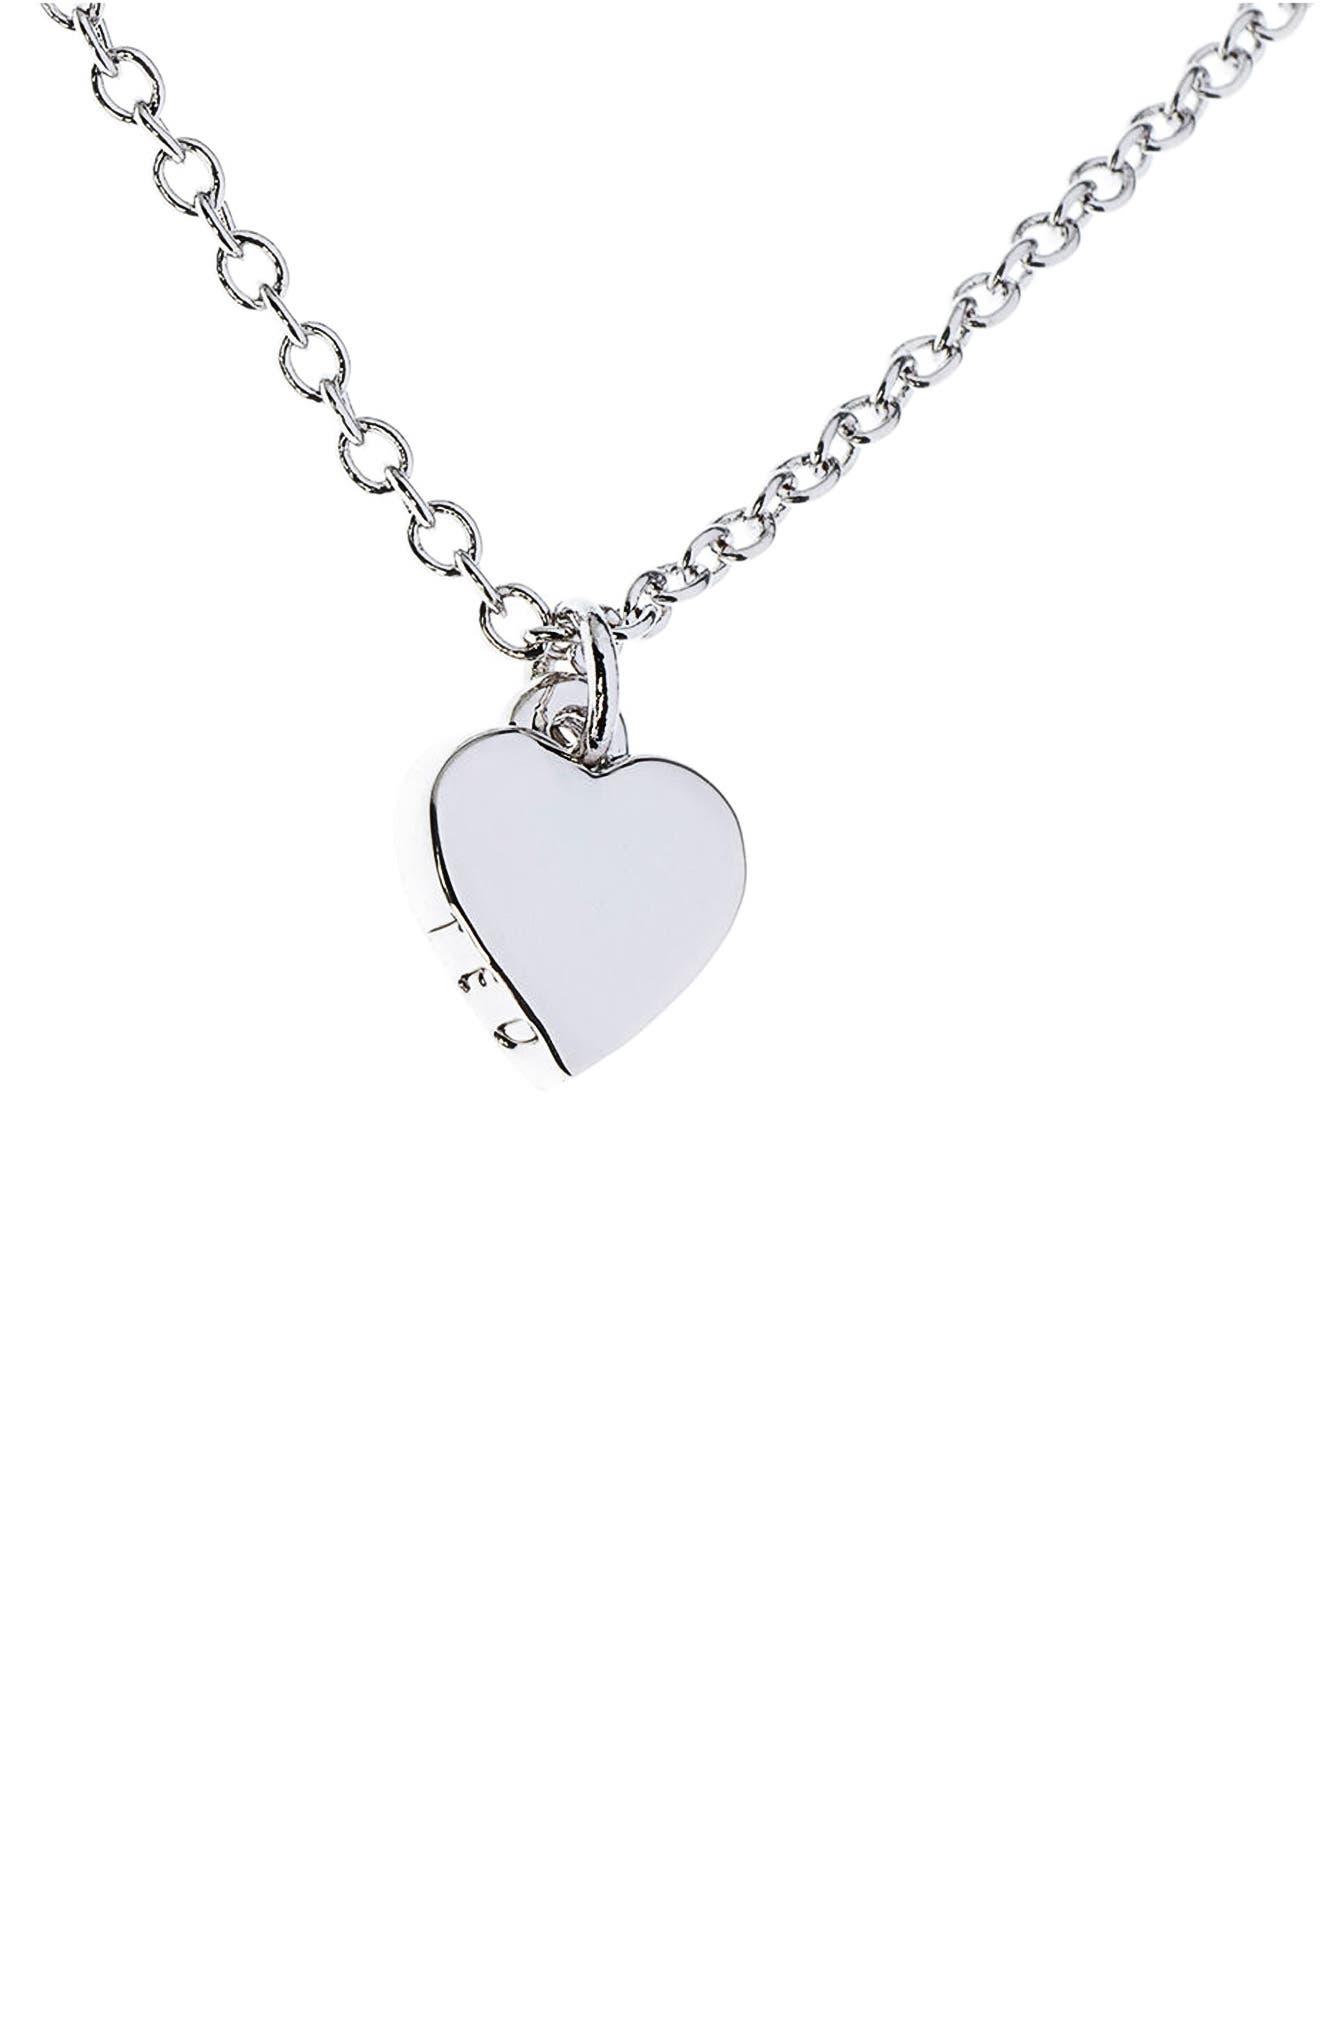 Mini Heart Pendant Necklace,                             Main thumbnail 1, color,                             Silver Color